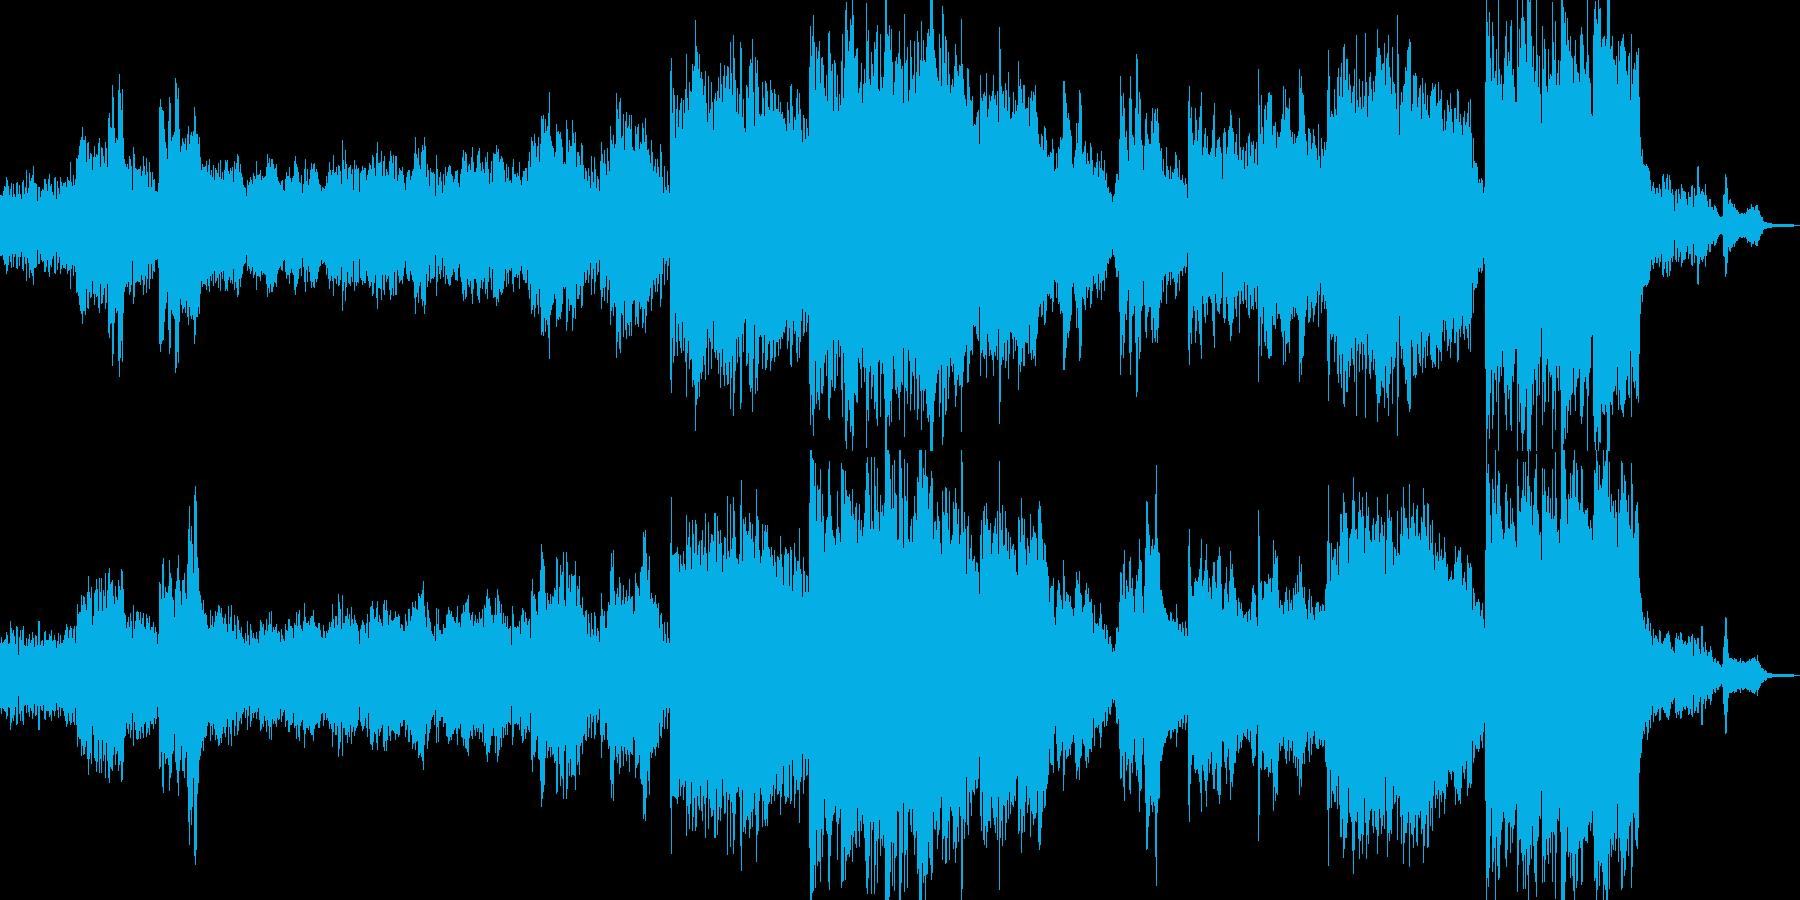 神秘の森をイメージしたヒーリング Aの再生済みの波形